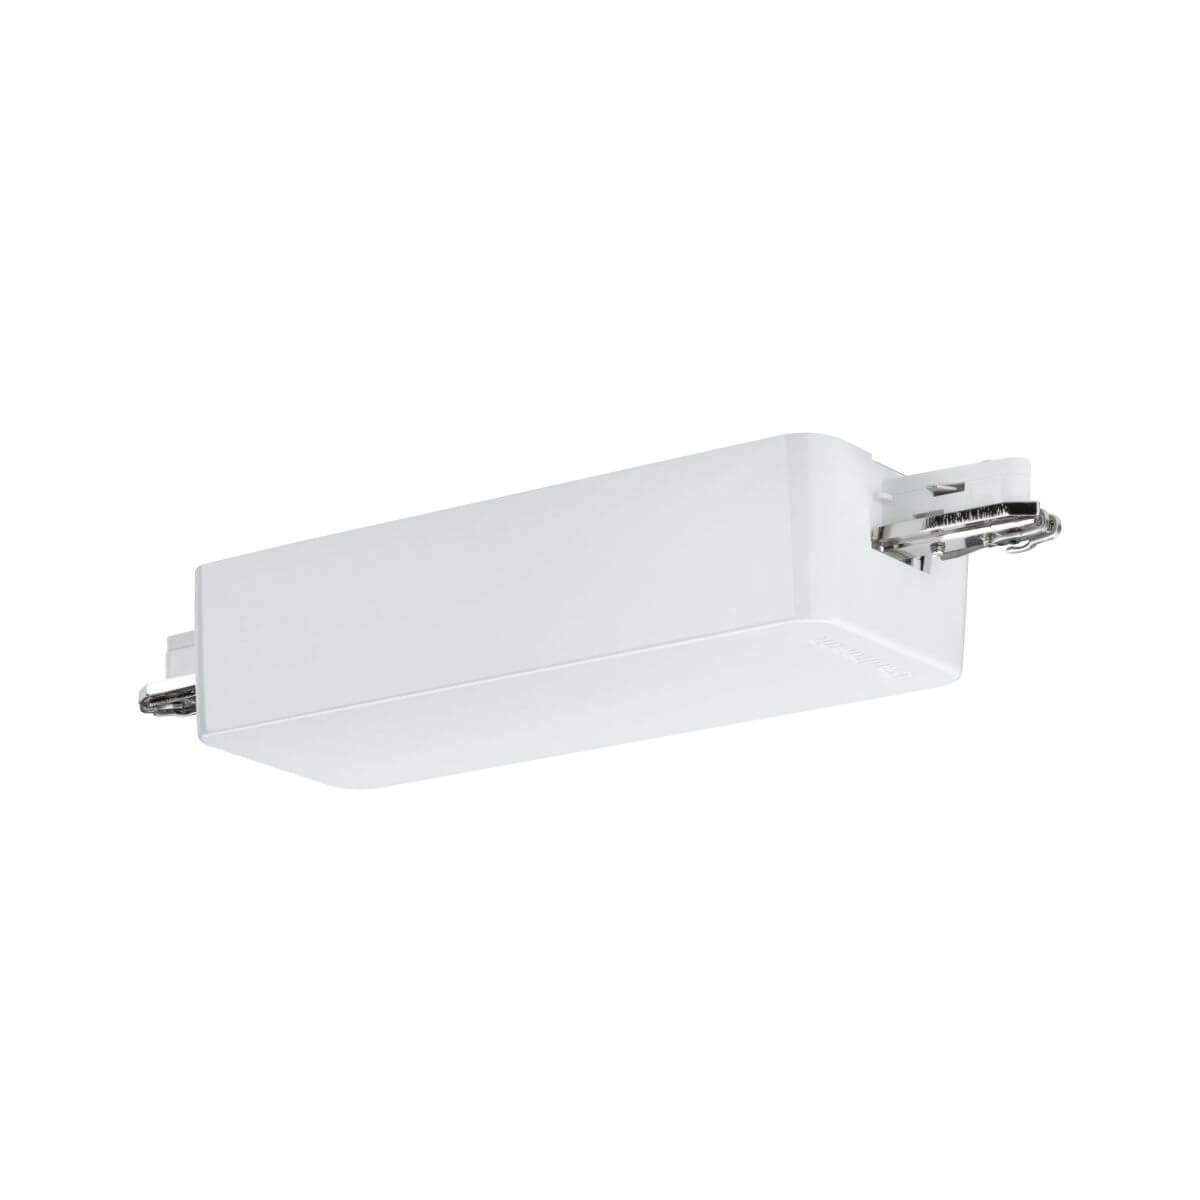 Paulmann SmartHome Zigbee URail Dimm-Switch Adapter, App-Steuerung + Smart Home Anbindung